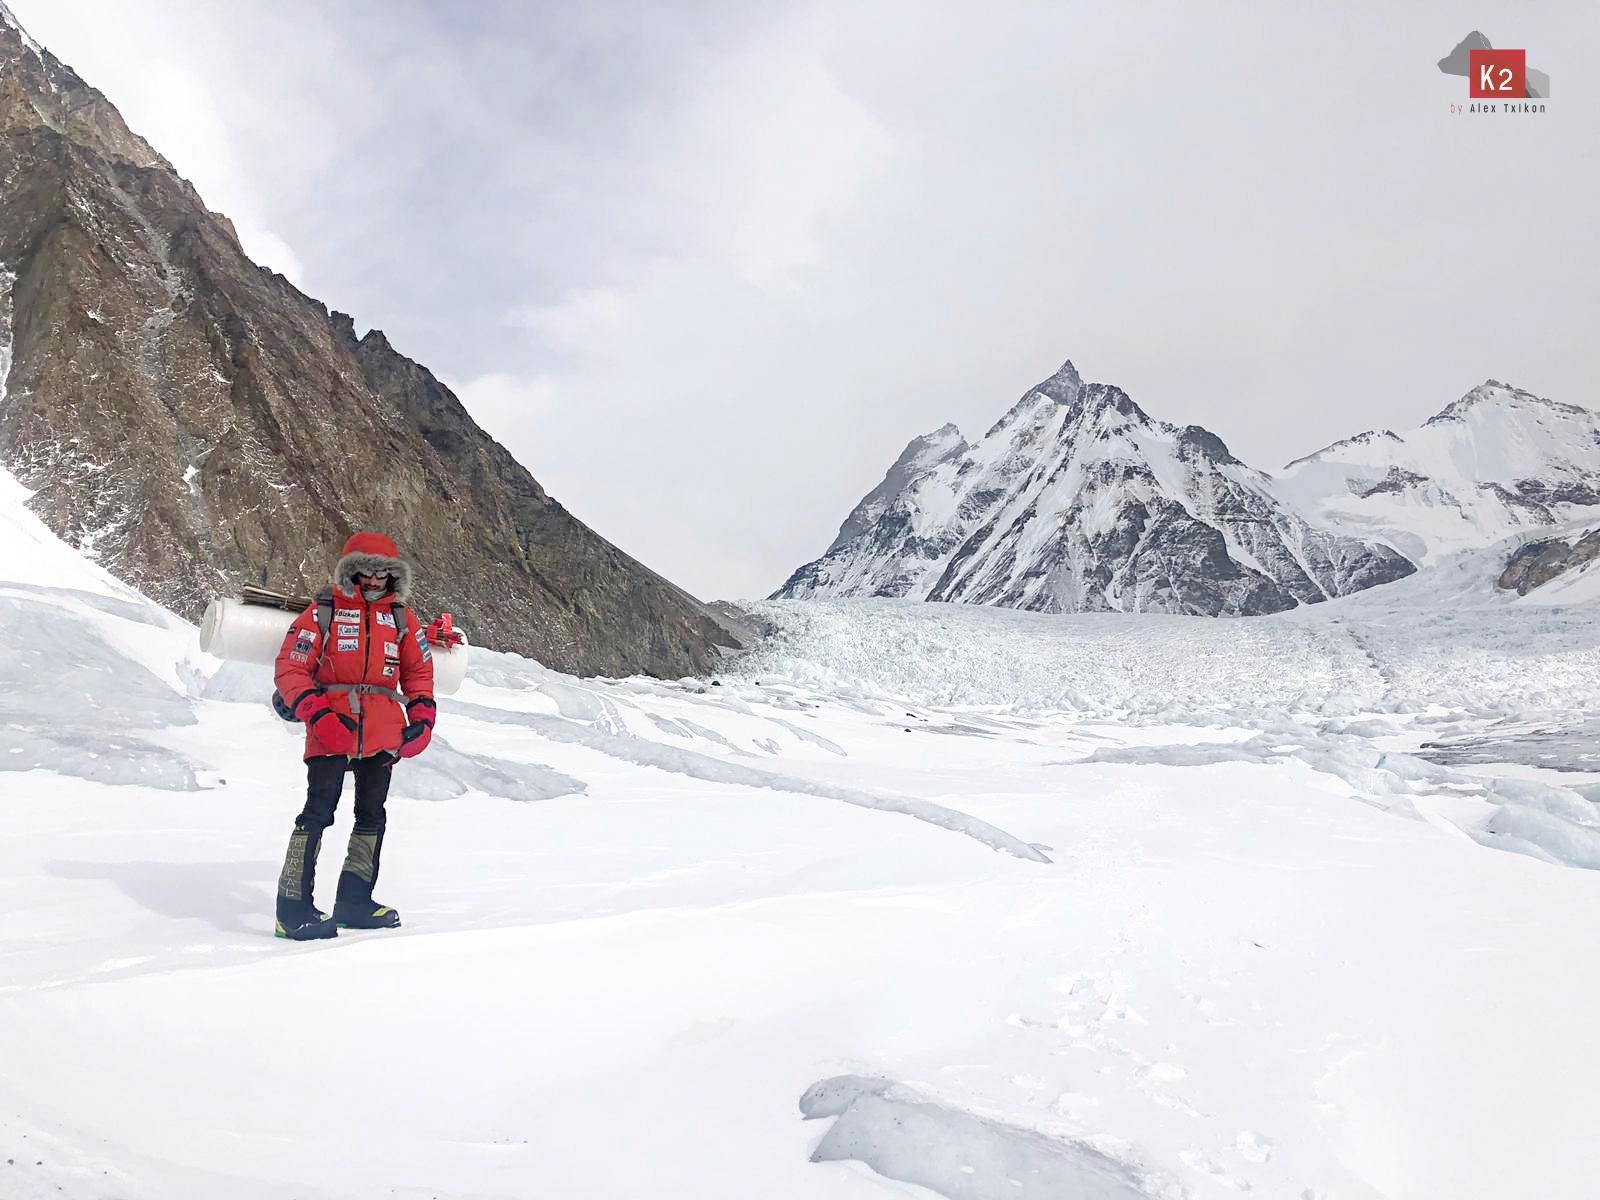 Alex Txikon supone menos viento en la cara Este del K2.